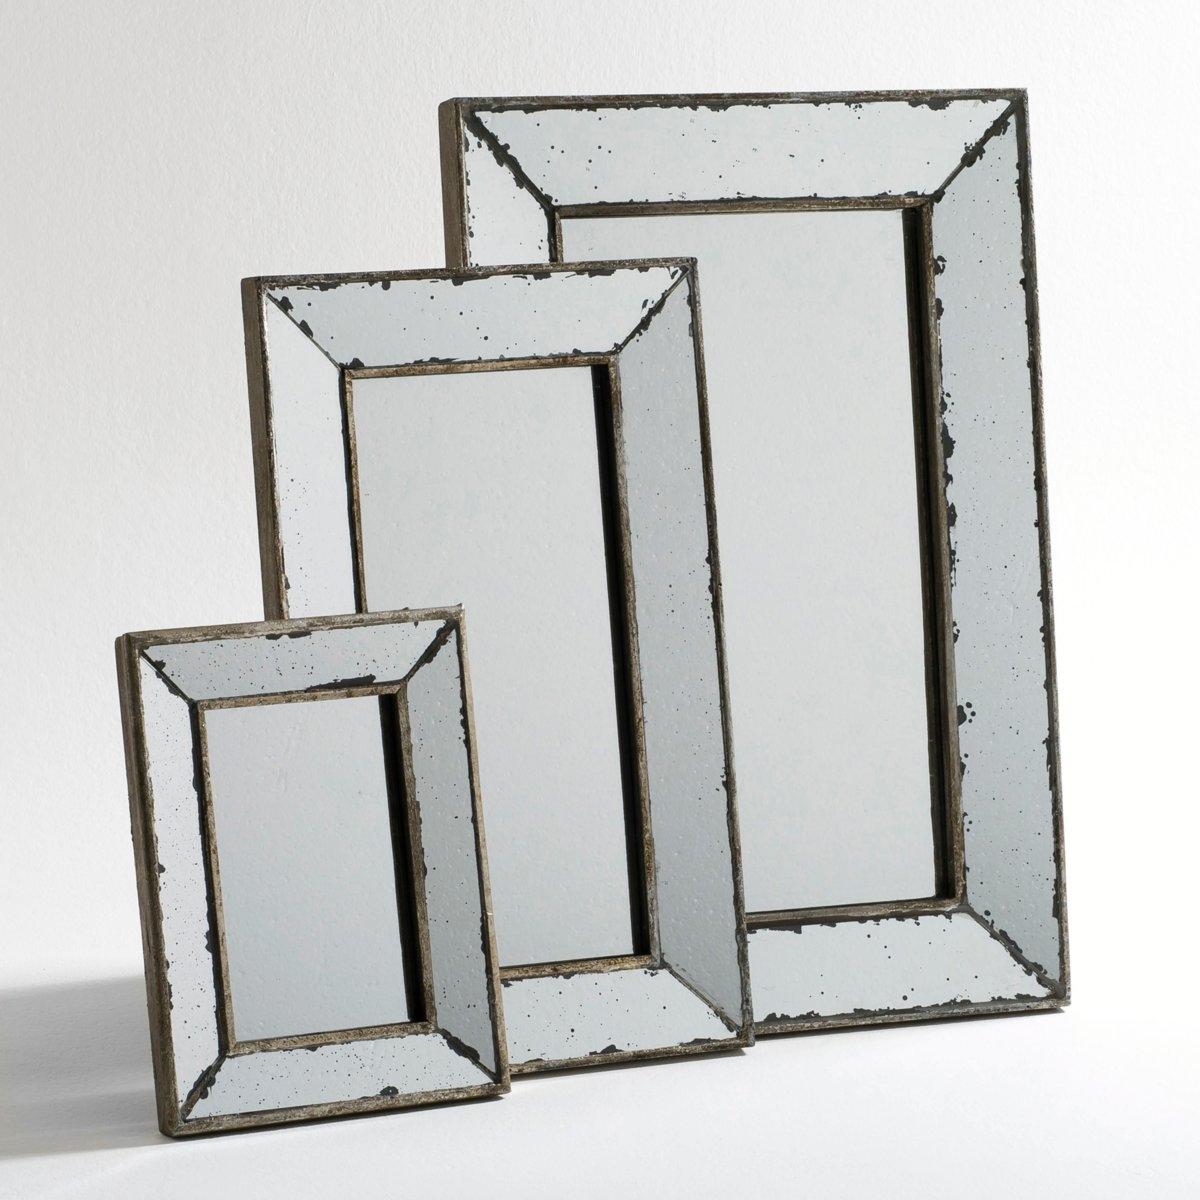 Зеркало Edwin в старинном стилеЗеркало Edwin в старинном стиле. Зеркало в старинном стиле  представлено в 3 размерах. Возможность сочетания зеркал для достижения красивого эффекта.  Размеры: - размер 1: Ш.23,5 x В.31,5 x Г.2 см.- размер 2: Ш.31 x В.51 x Г.3 см.- Размер 3: Ш.41 x В.61 x Г.3,5 см.<br><br>Цвет: серый серебристый<br>Размер: 1 - 31,5 x 23,5 cm